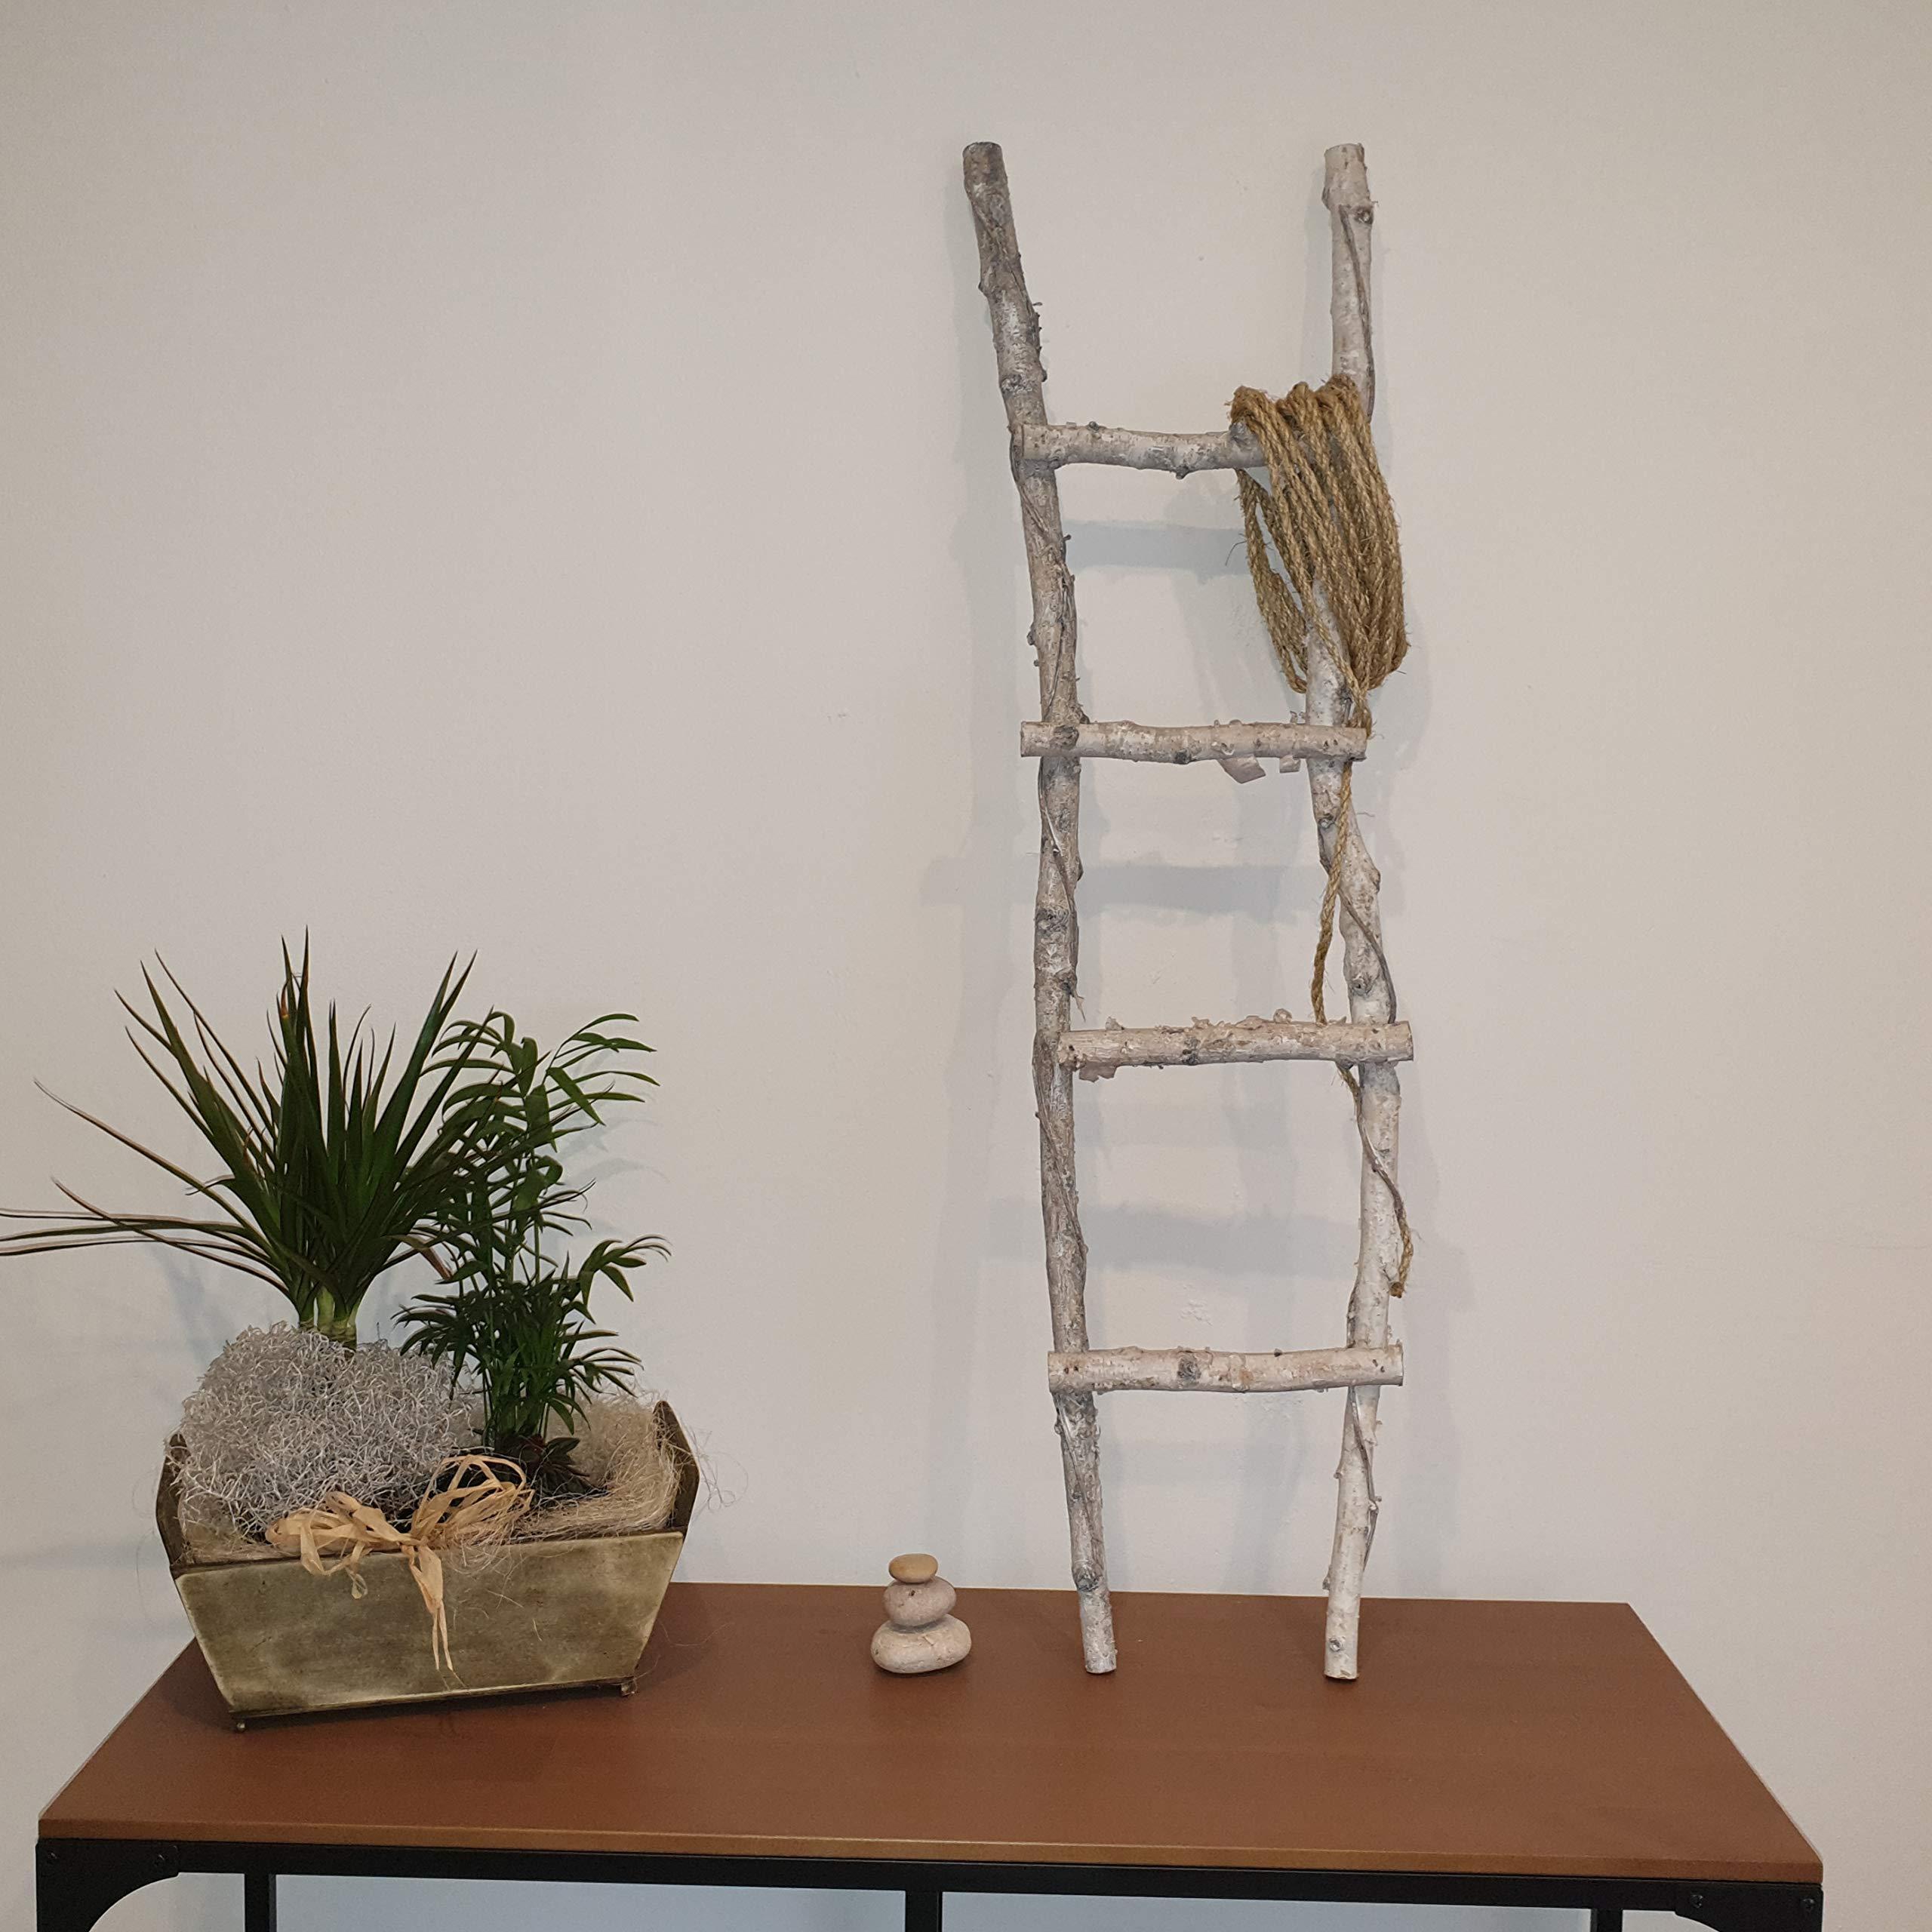 Zenhica Escalera Decorativa Blanco decapado, 4 peldaños. Efecto Vintage Rústico: Amazon.es: Hogar